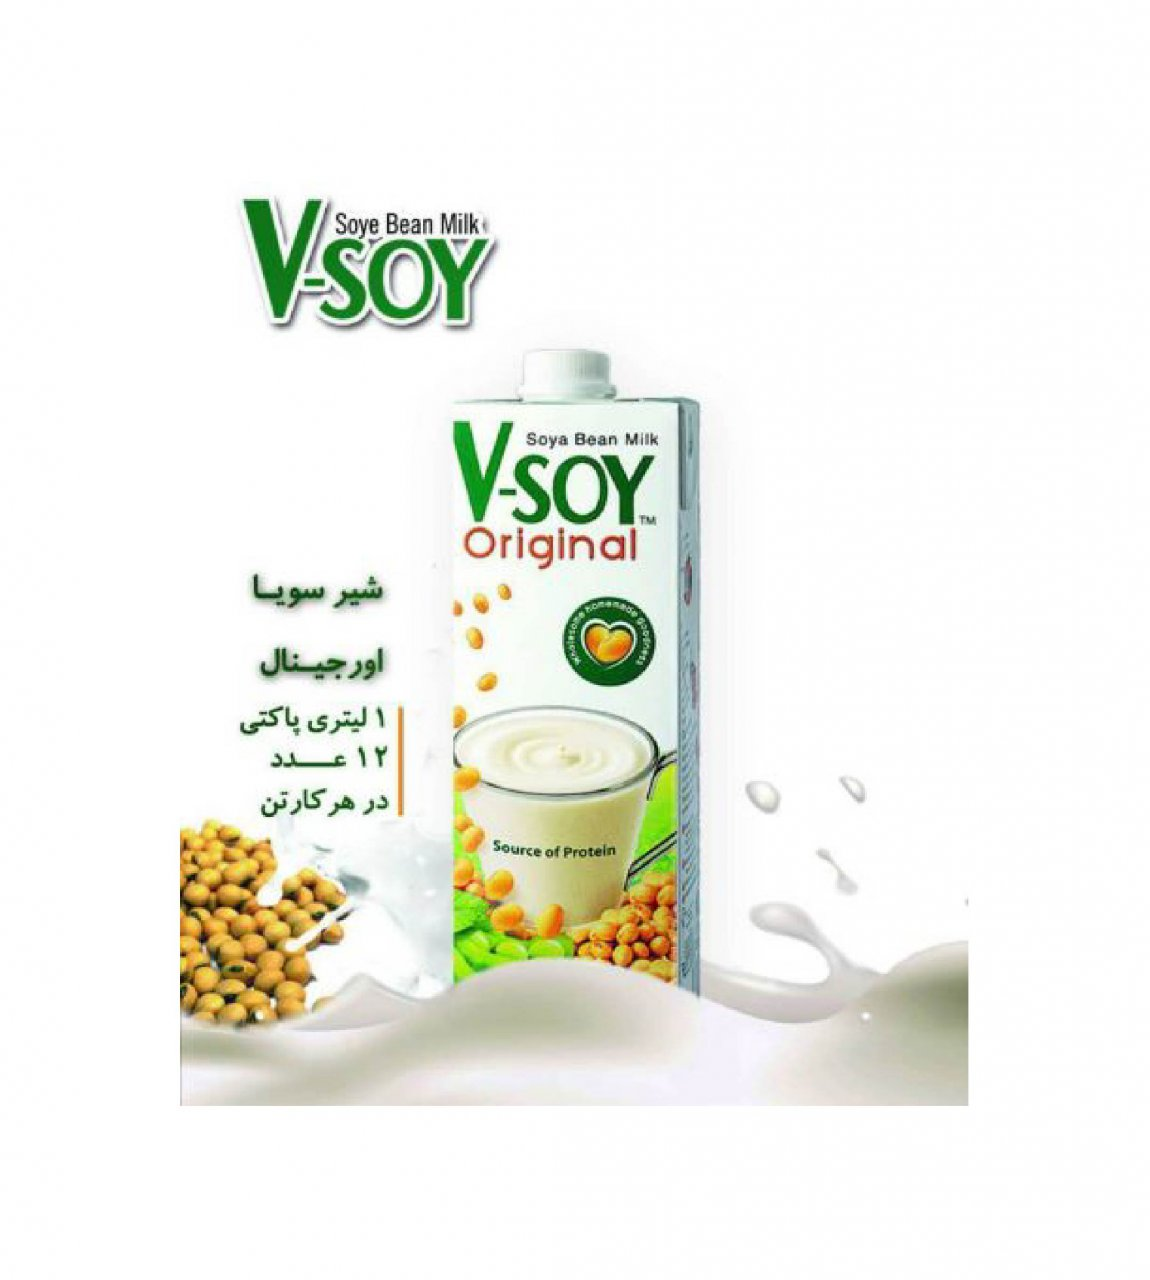 شیر سویا اورجینال وی سوی پاکتی